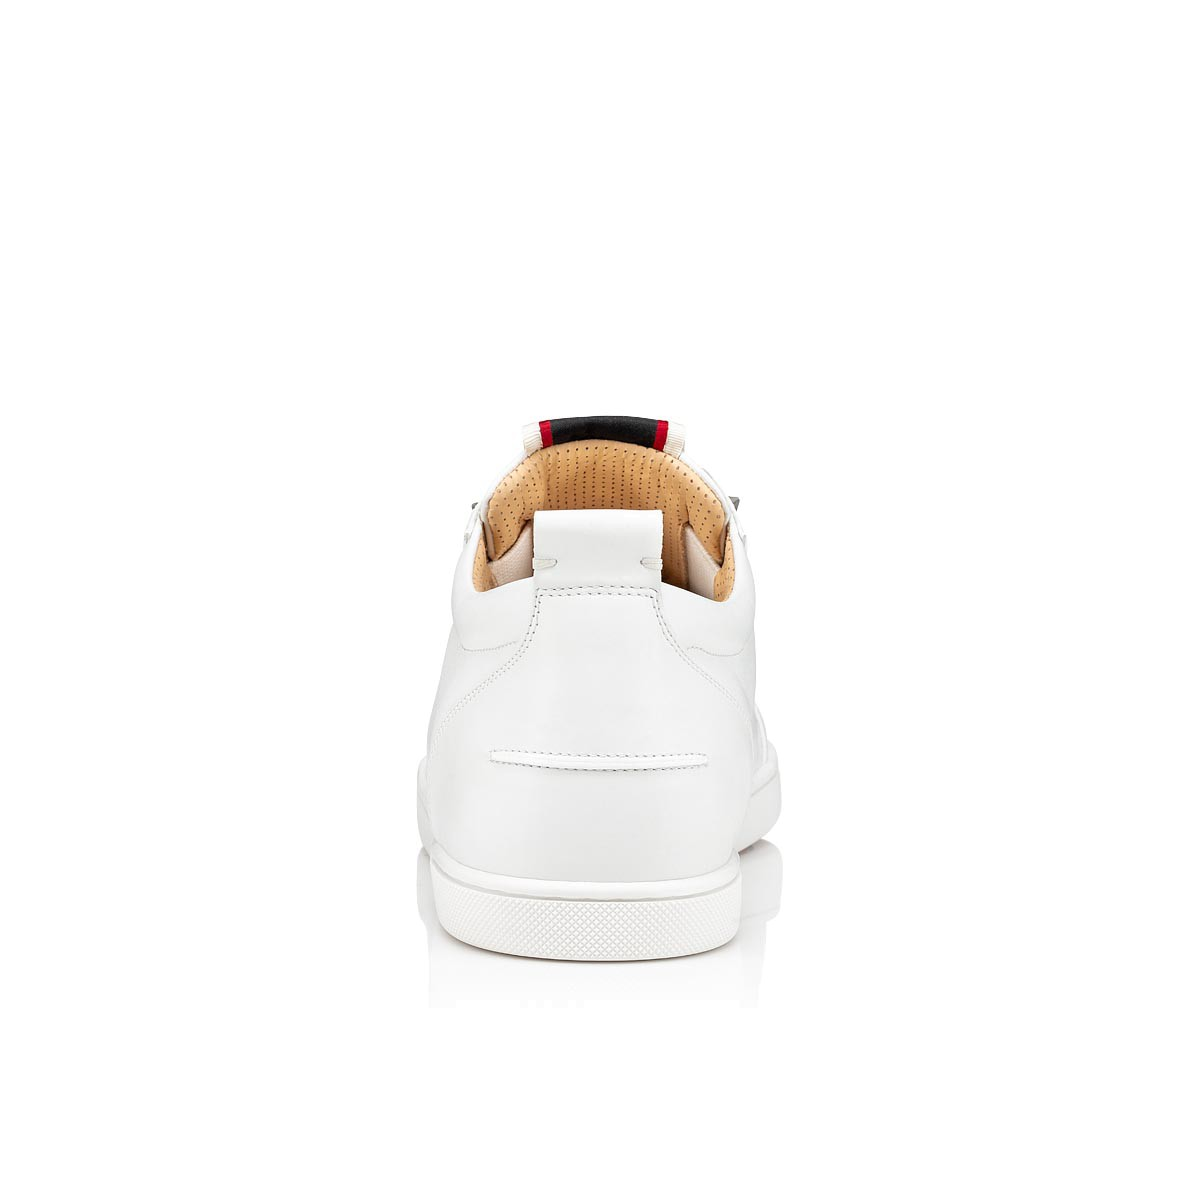 Shoes - F.a.v Fique A Vontade - Christian Louboutin